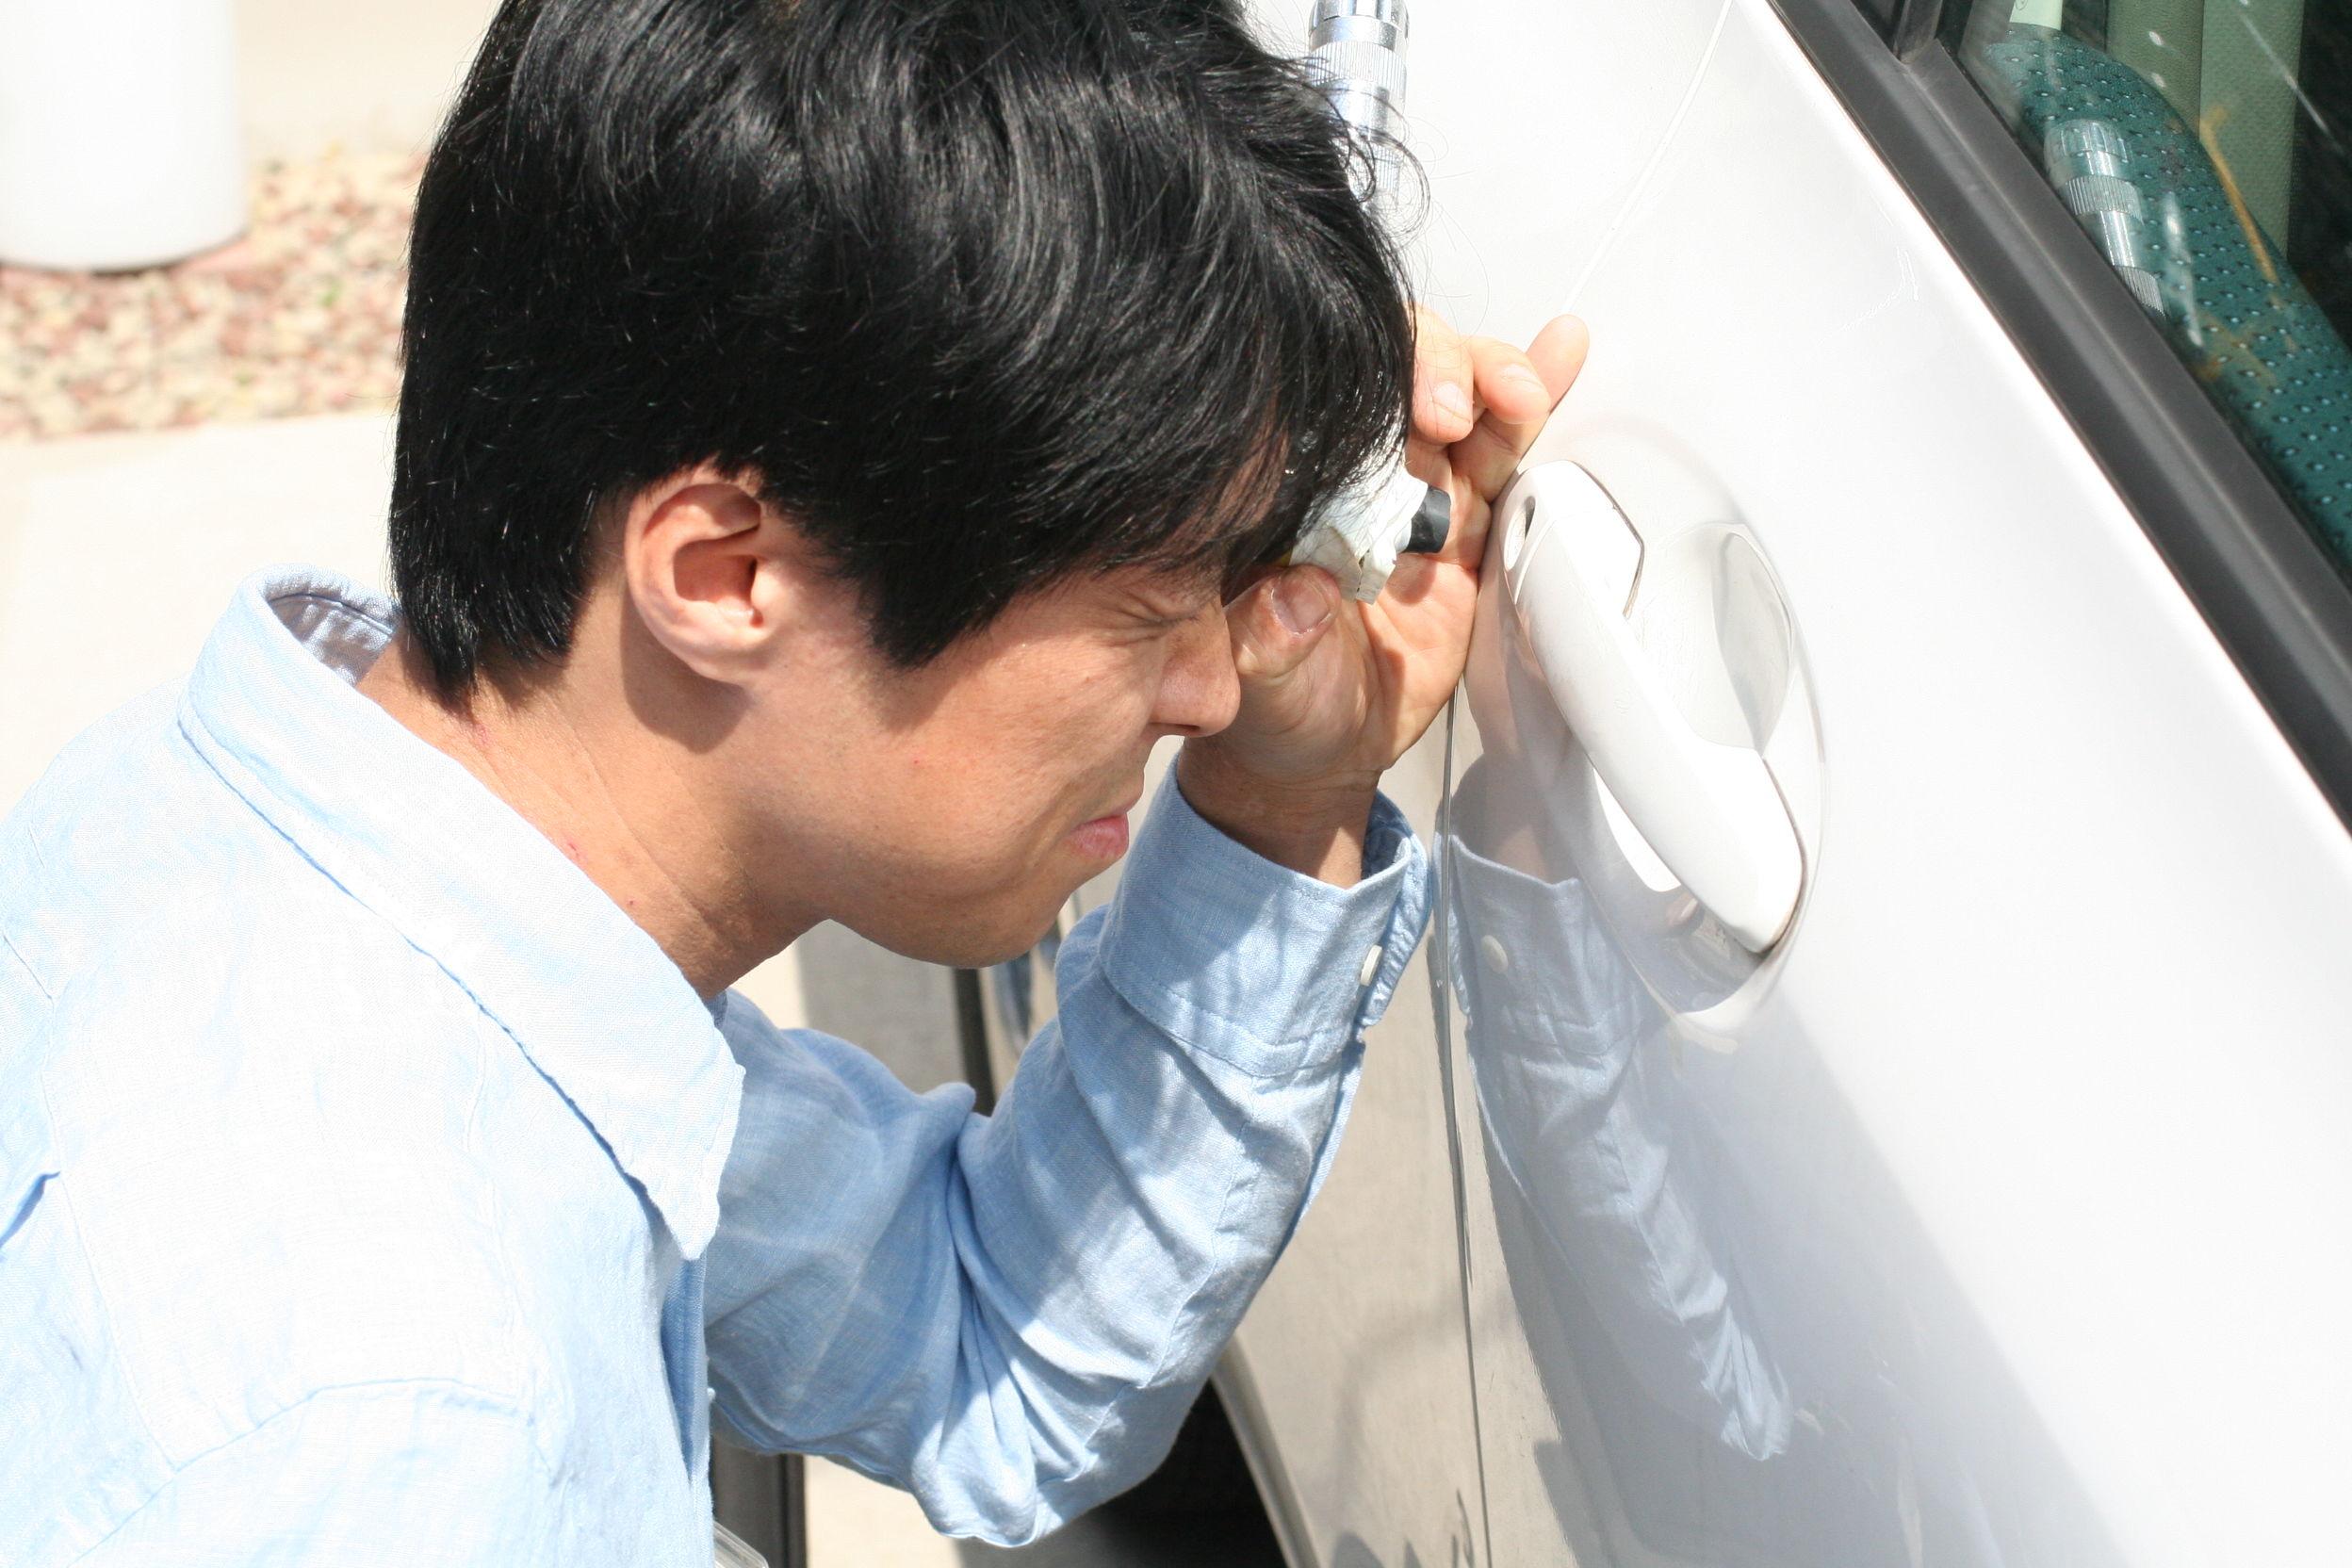 カギのトラブル救Q隊.24【多賀城市 出張エリア】のメイン画像